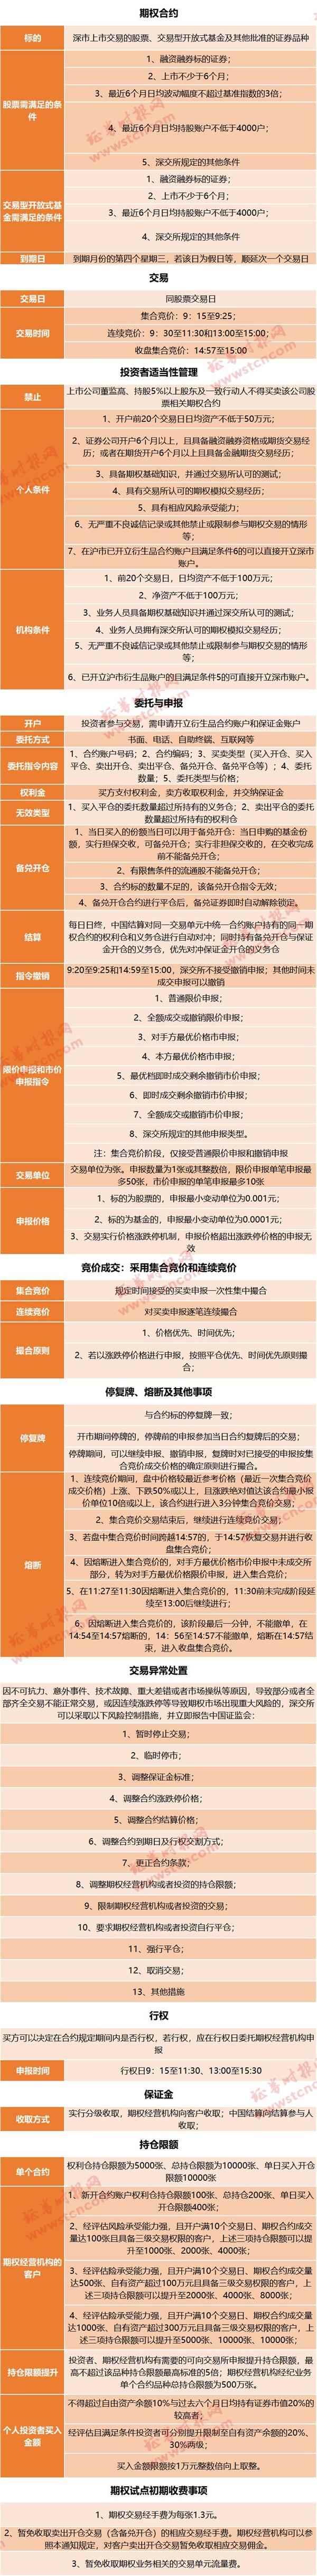 重!深圳股票期权制度落地个人资格门槛50万细则可以理解